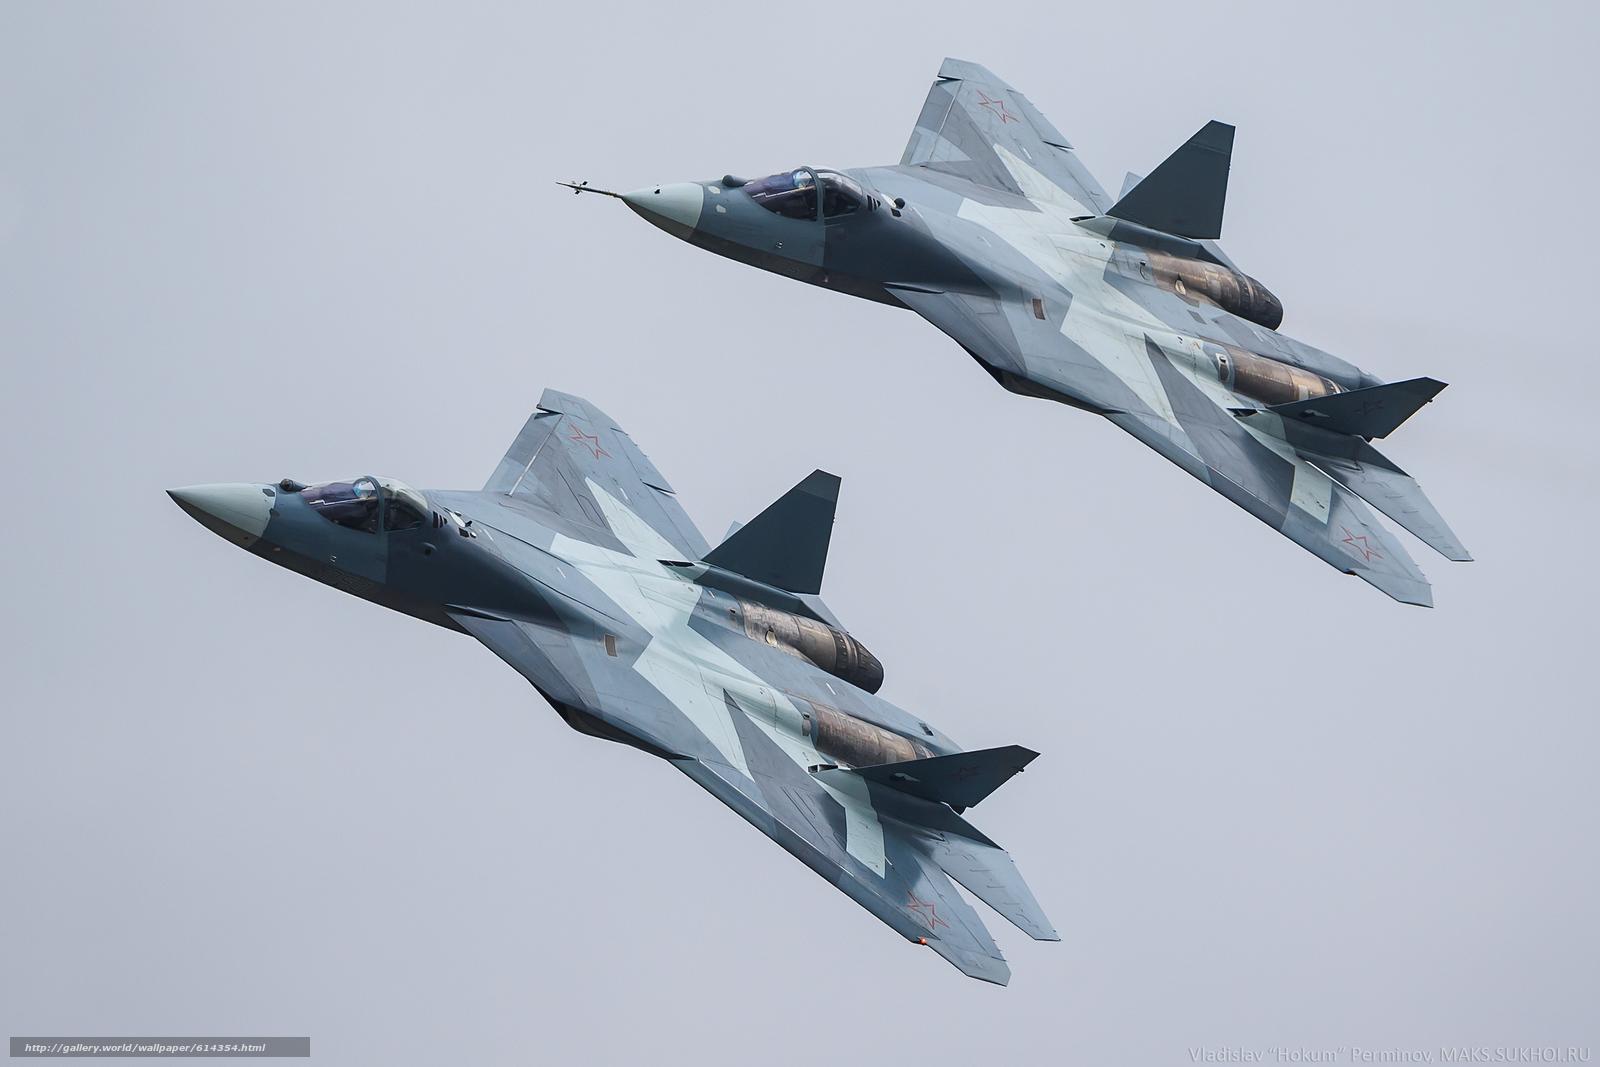 Скачать на телефон обои фото картинку на тему Авиация, ВВС, Россия, ПАК ФА, Т-50, многоцелевой, самолет, истребитель, полёт, аримия, оружие, небо, разширение 2560x1707